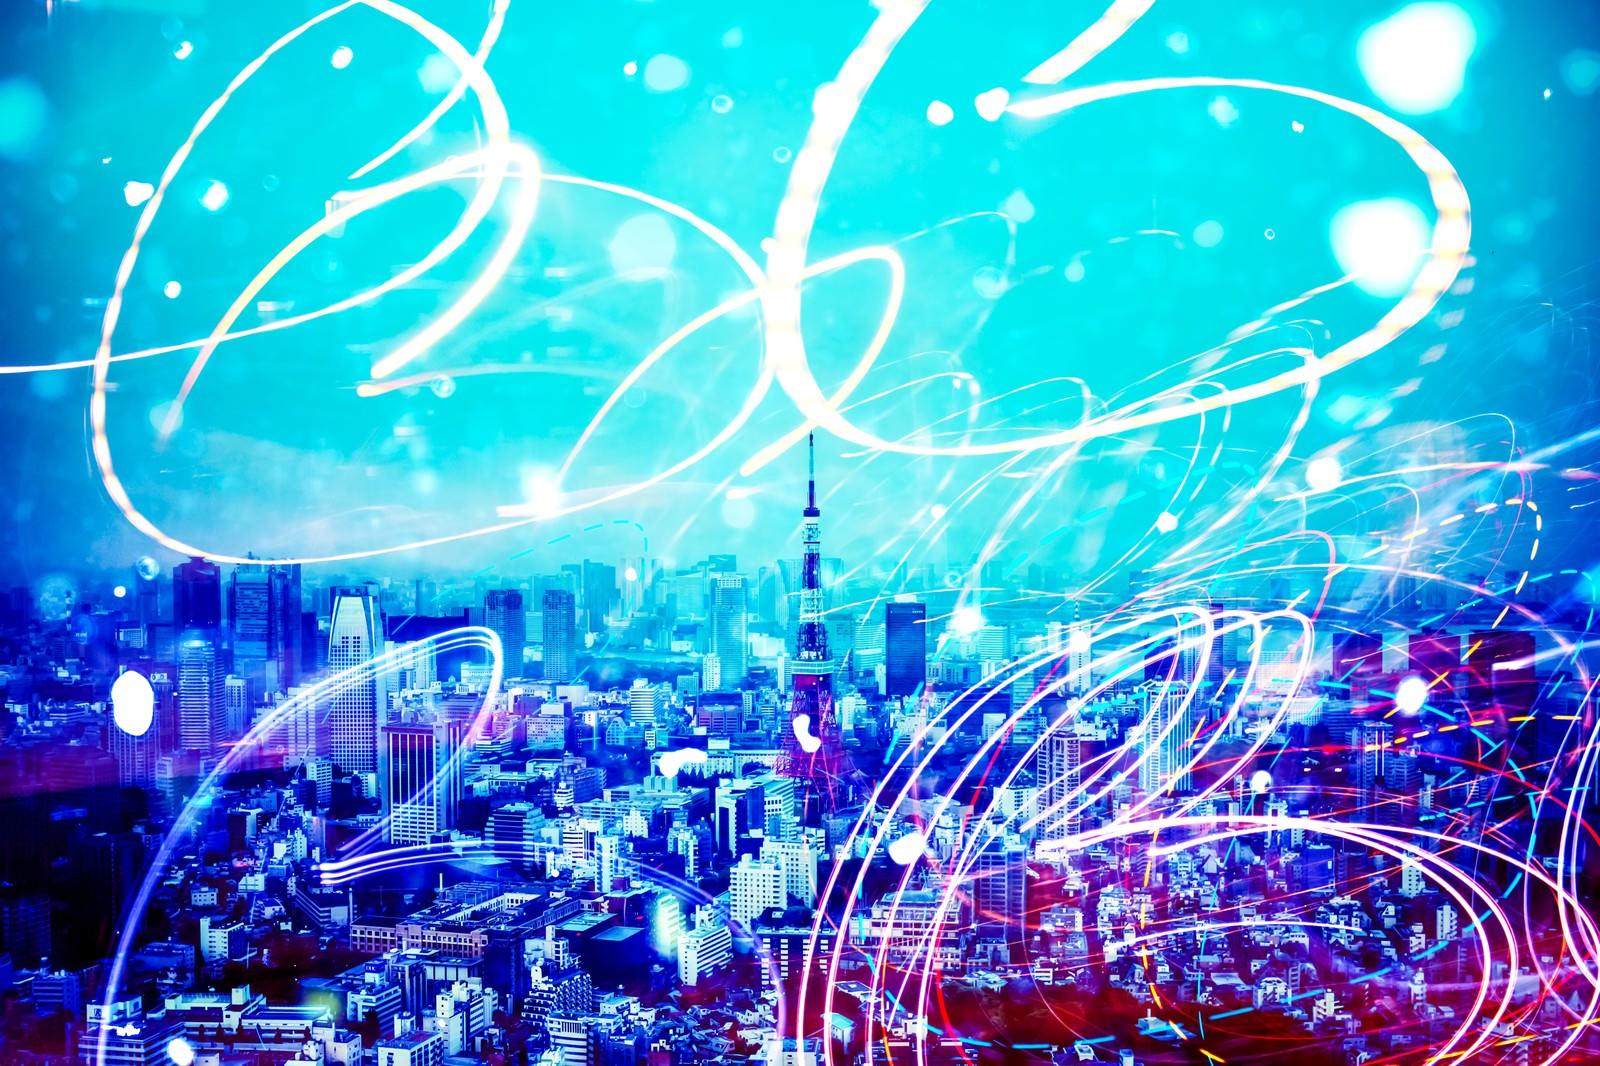 「都会に描く光跡都会に描く光跡」のフリー写真素材を拡大